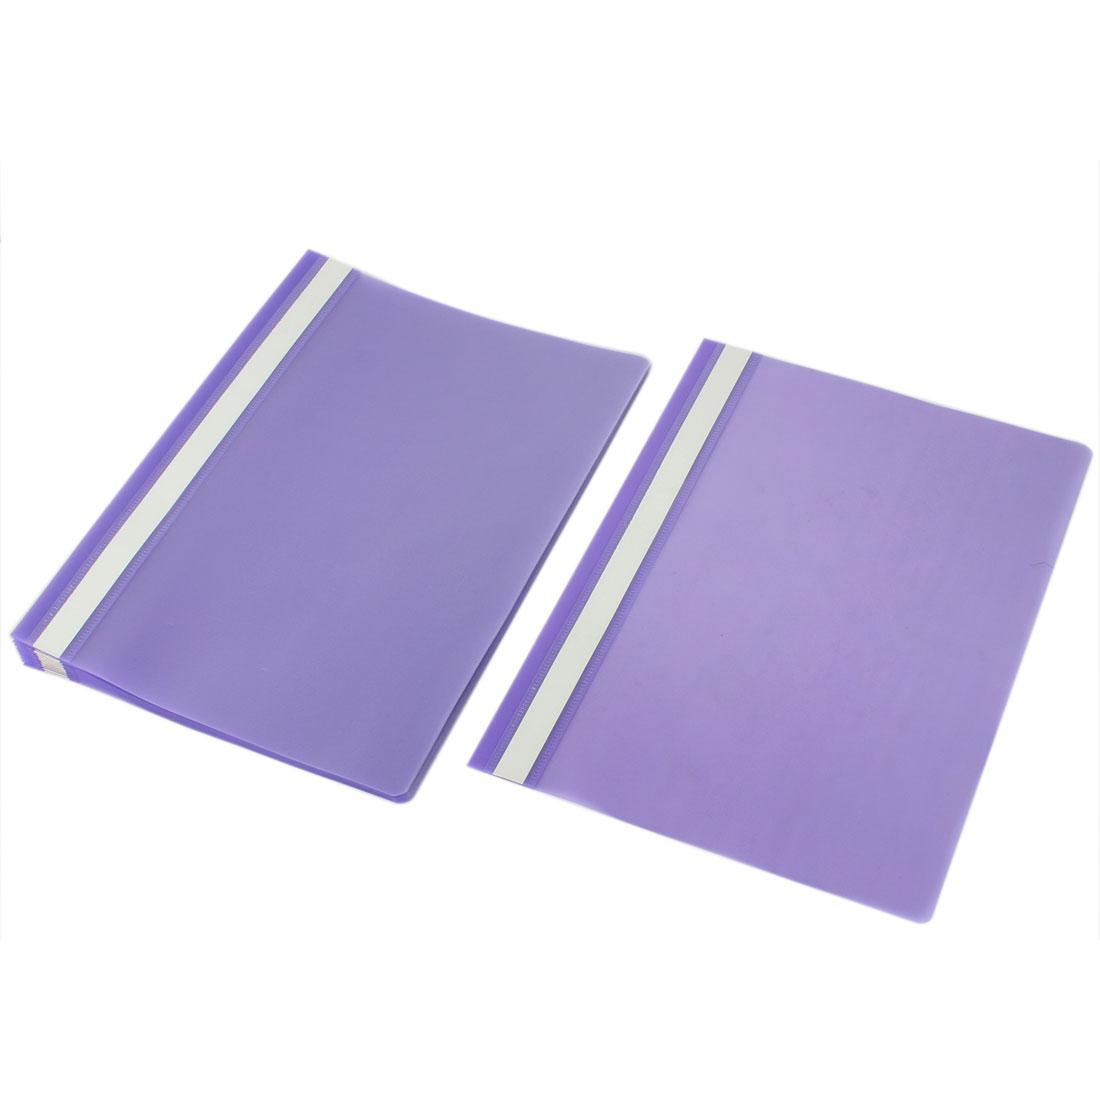 12pcs Purple Clear Plastic A4 Paper Doucument File Bag Folder Holder Organizer Pouch